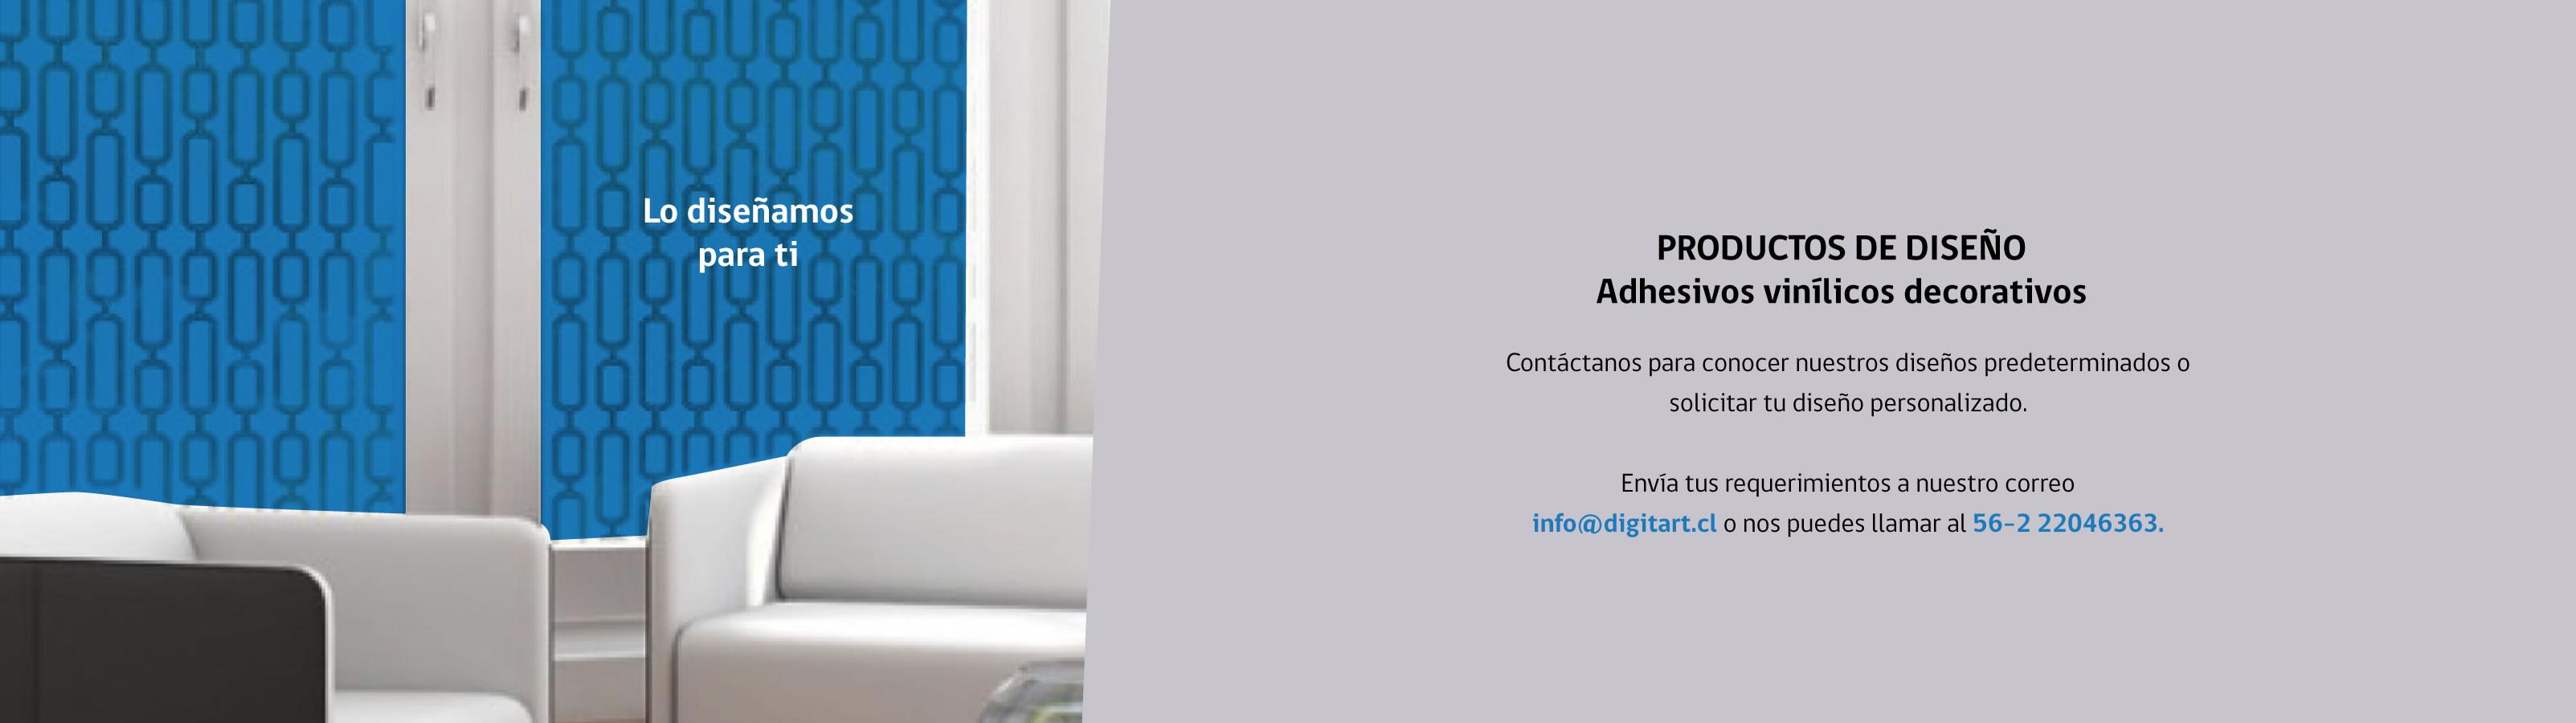 diseño_adhesivos_decorativos